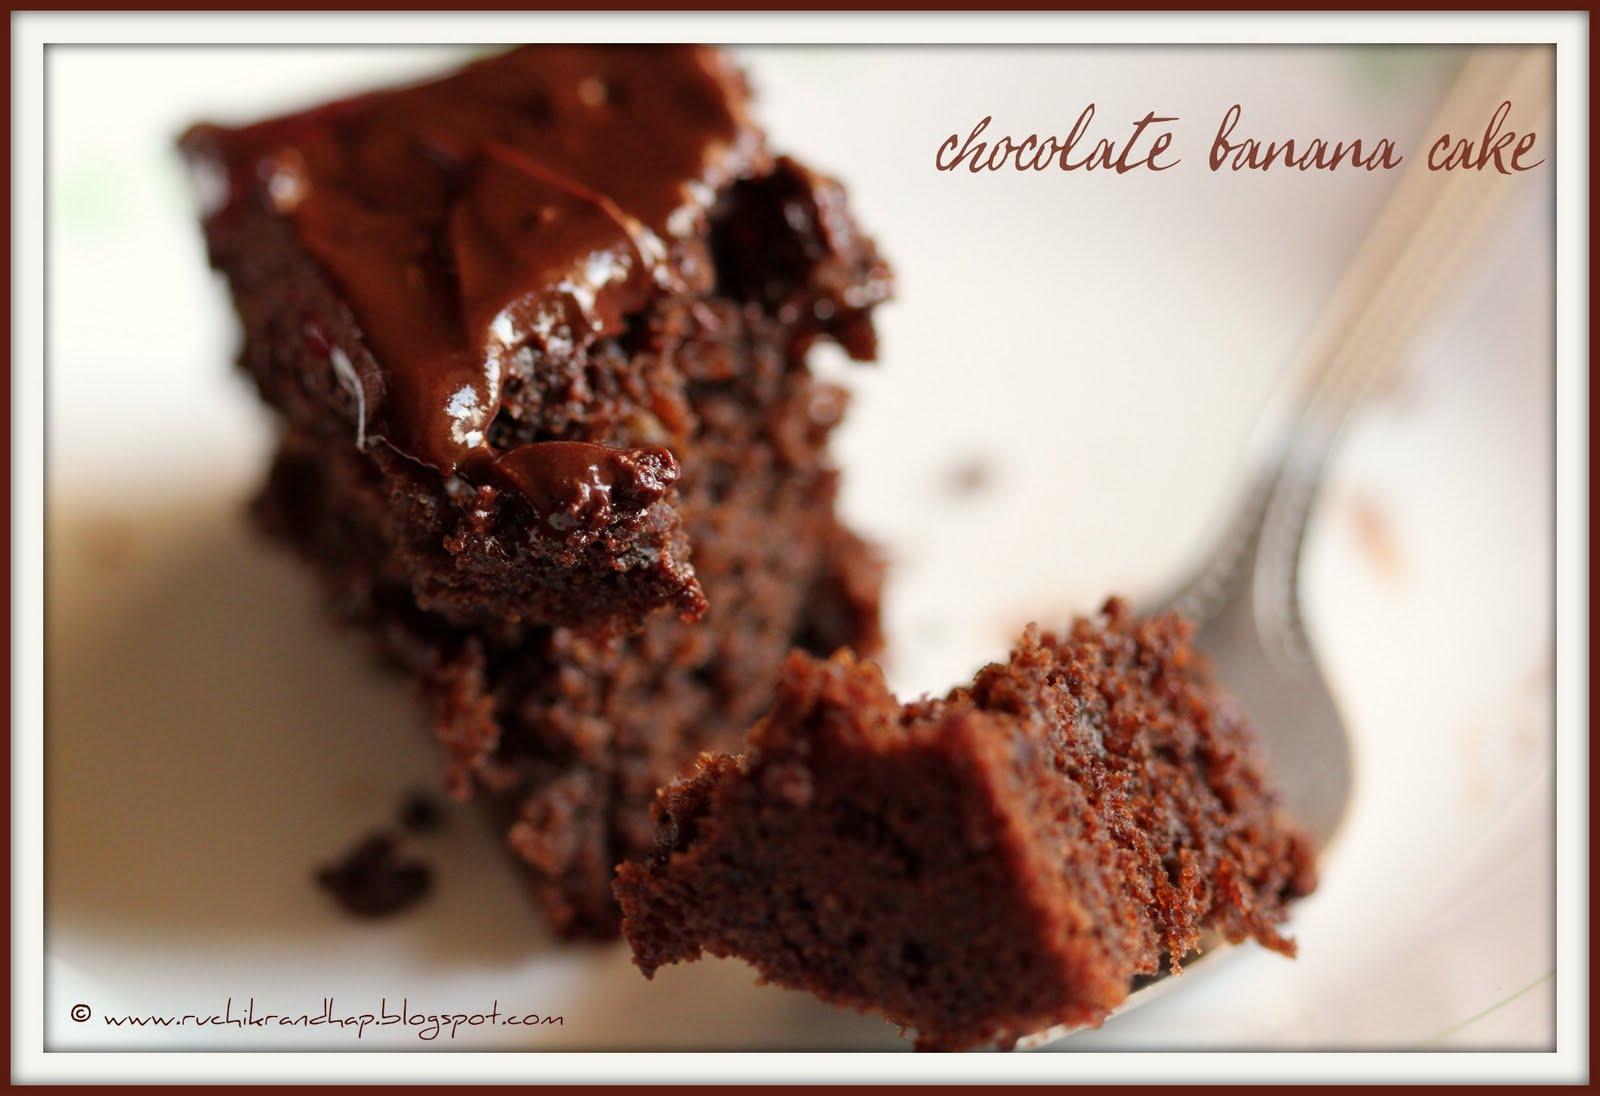 Banana Cake Recipe Chocolate Icing: Ruchik Randhap (Delicious Cooking): Going Bananas